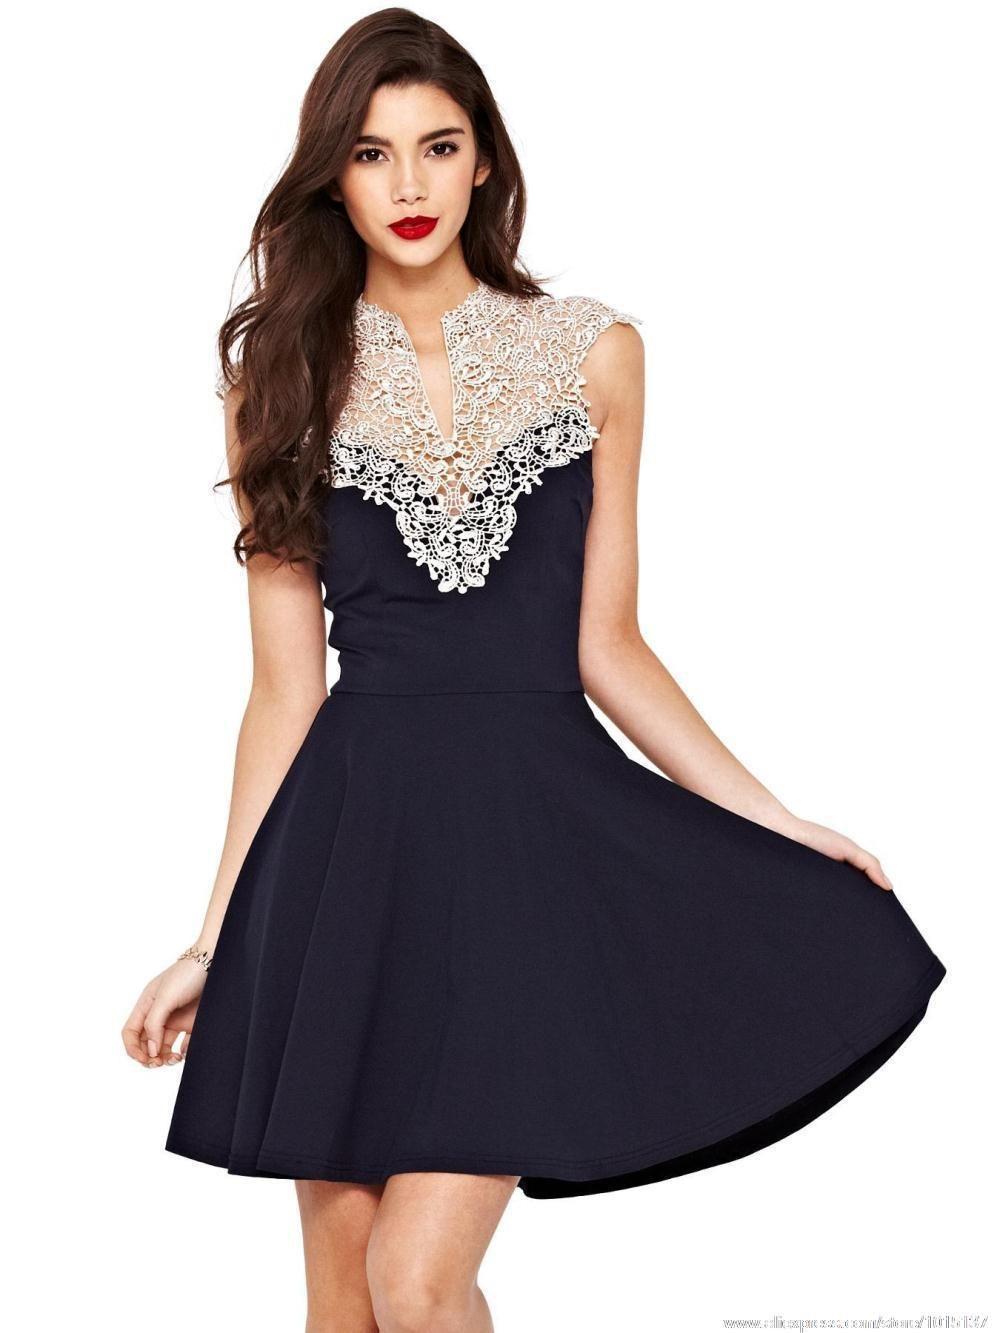 New 2015 European American Apparel Sleeveless Crochet Sexy Lace Dresses  Vestido De Renda Festa Curto Ropa Mujer Borsa Hot Sale d0e0c2c4b